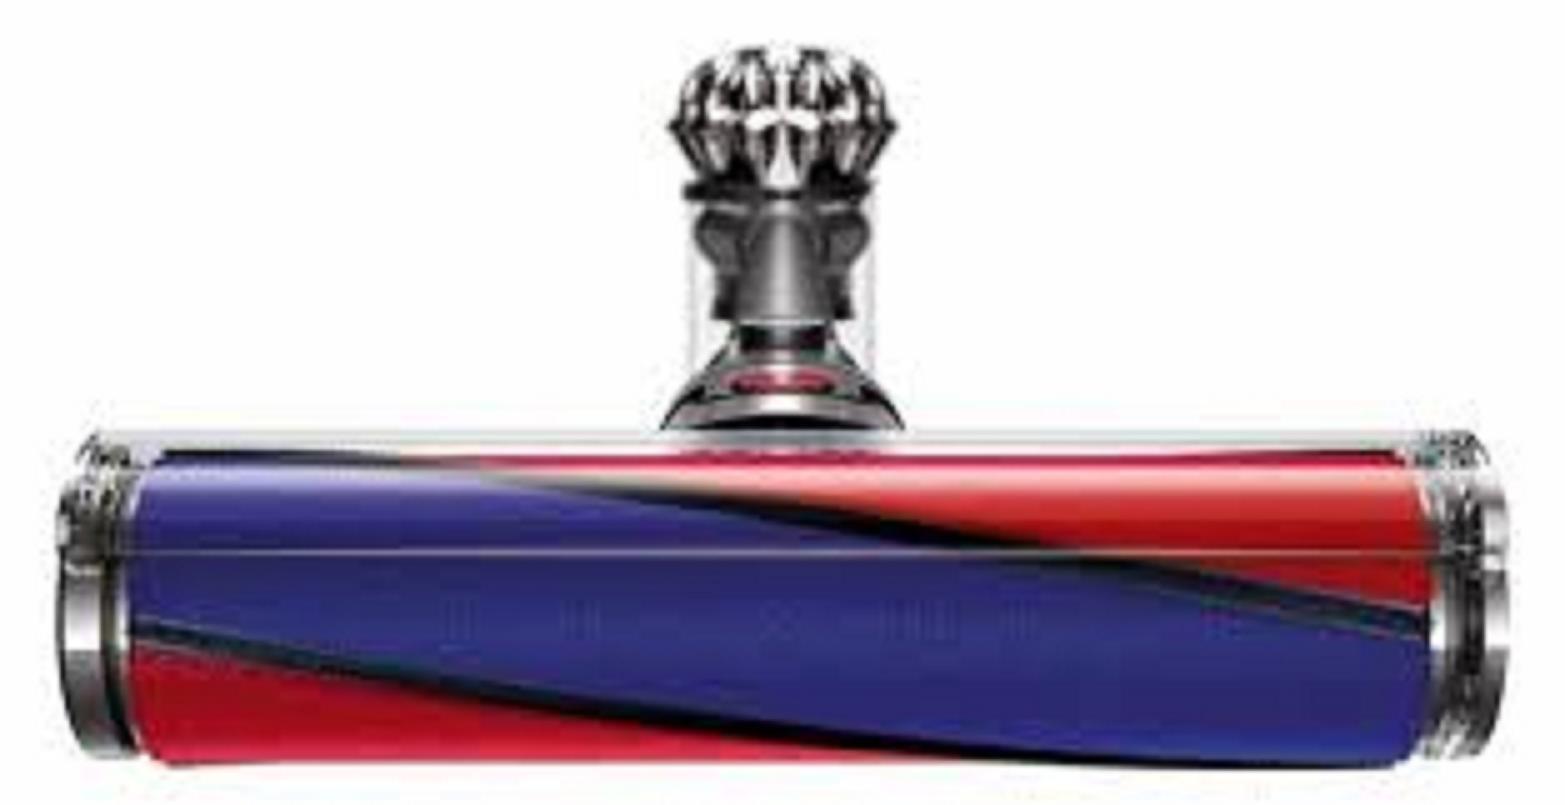 dyson v6 soft roller cleaner head assembly 966489 01 picclick ca. Black Bedroom Furniture Sets. Home Design Ideas